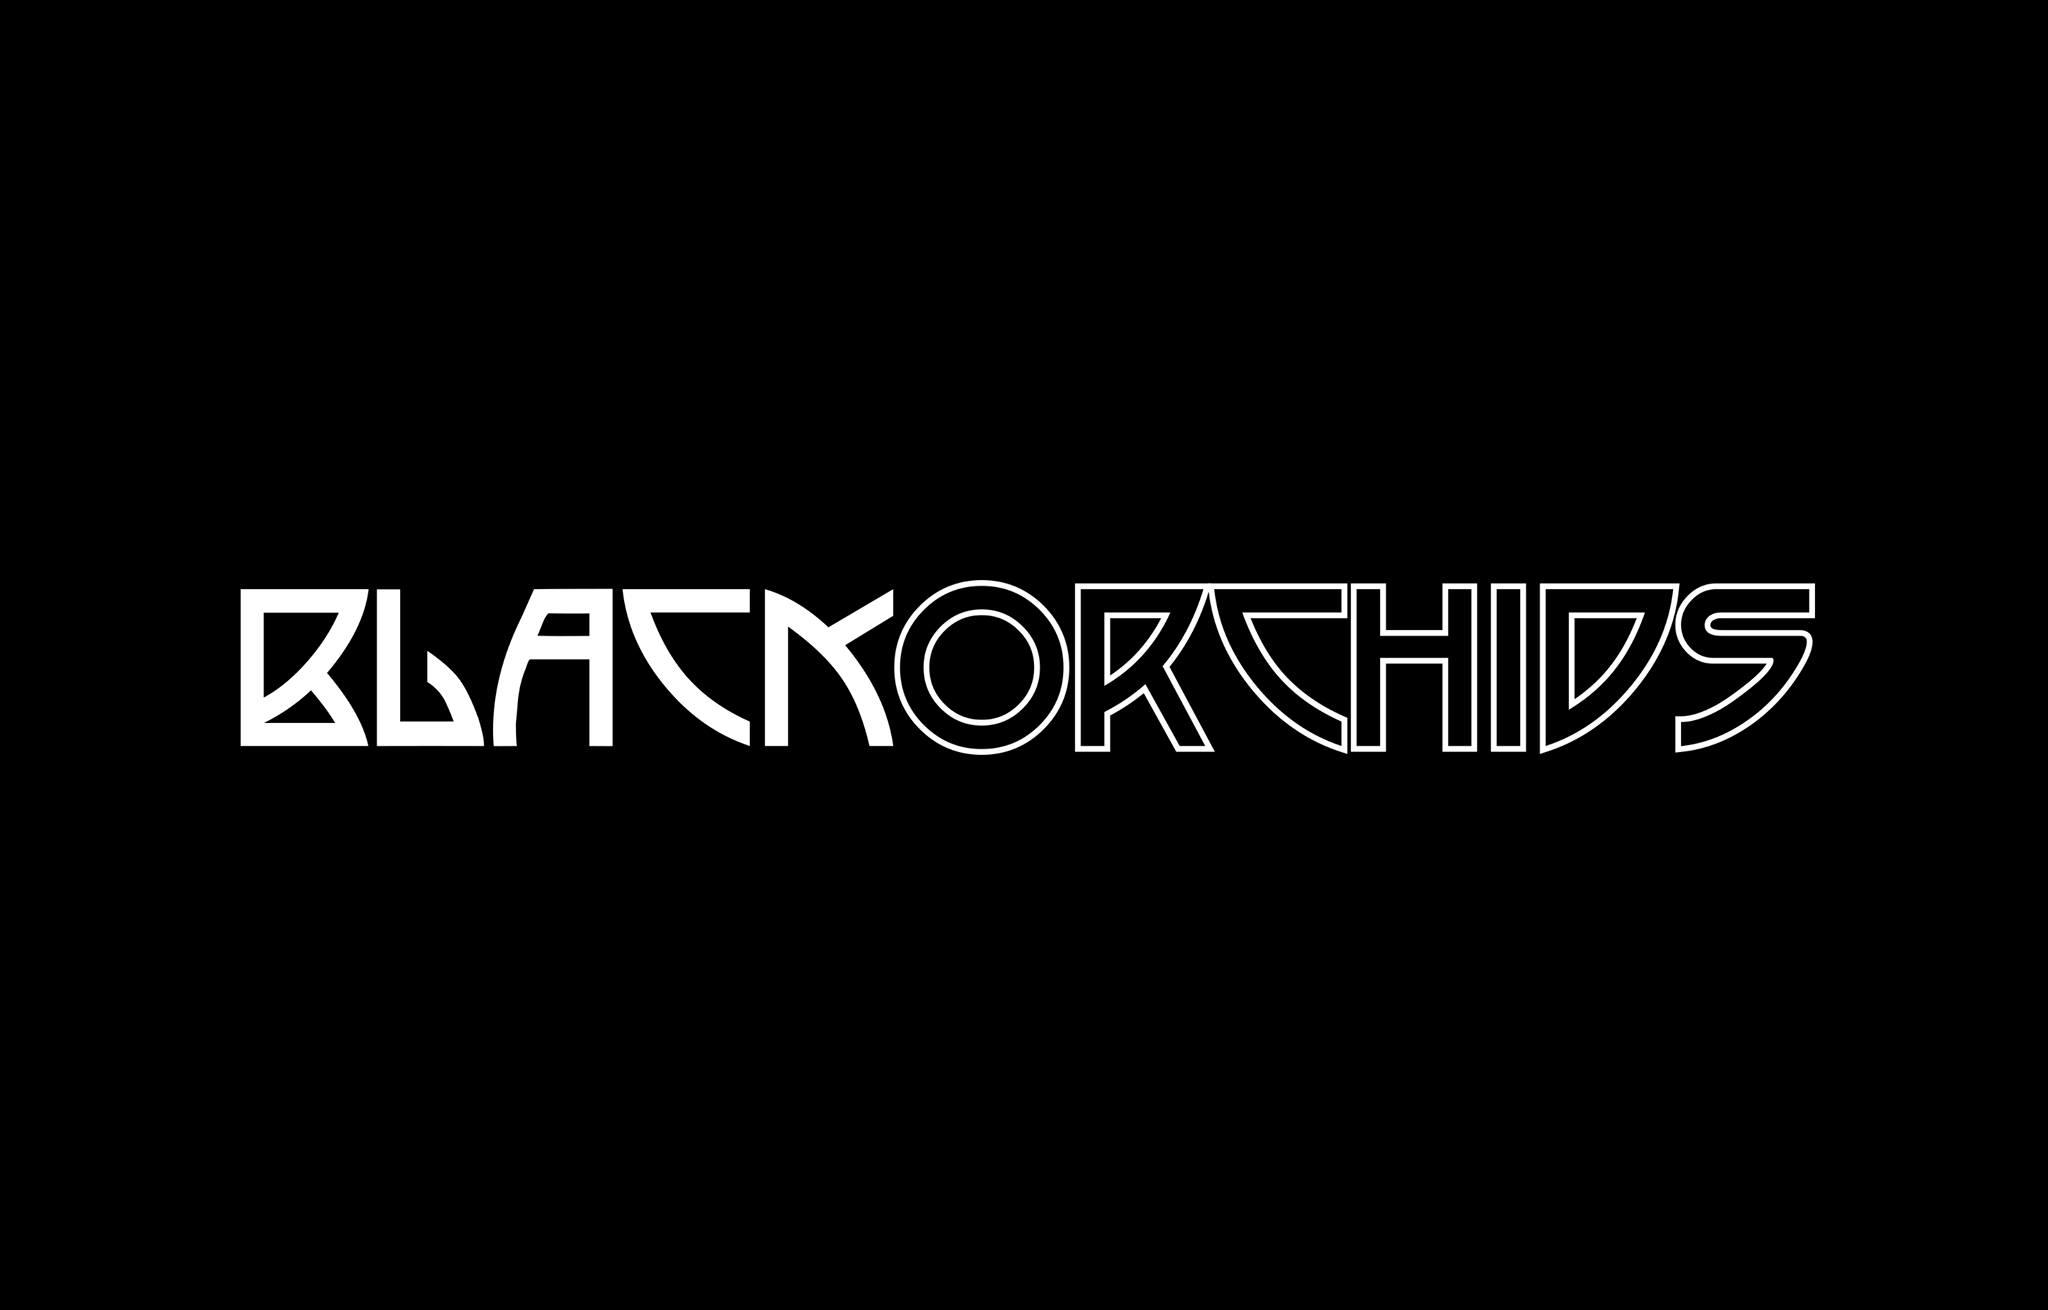 Black Orchids logo.jpg